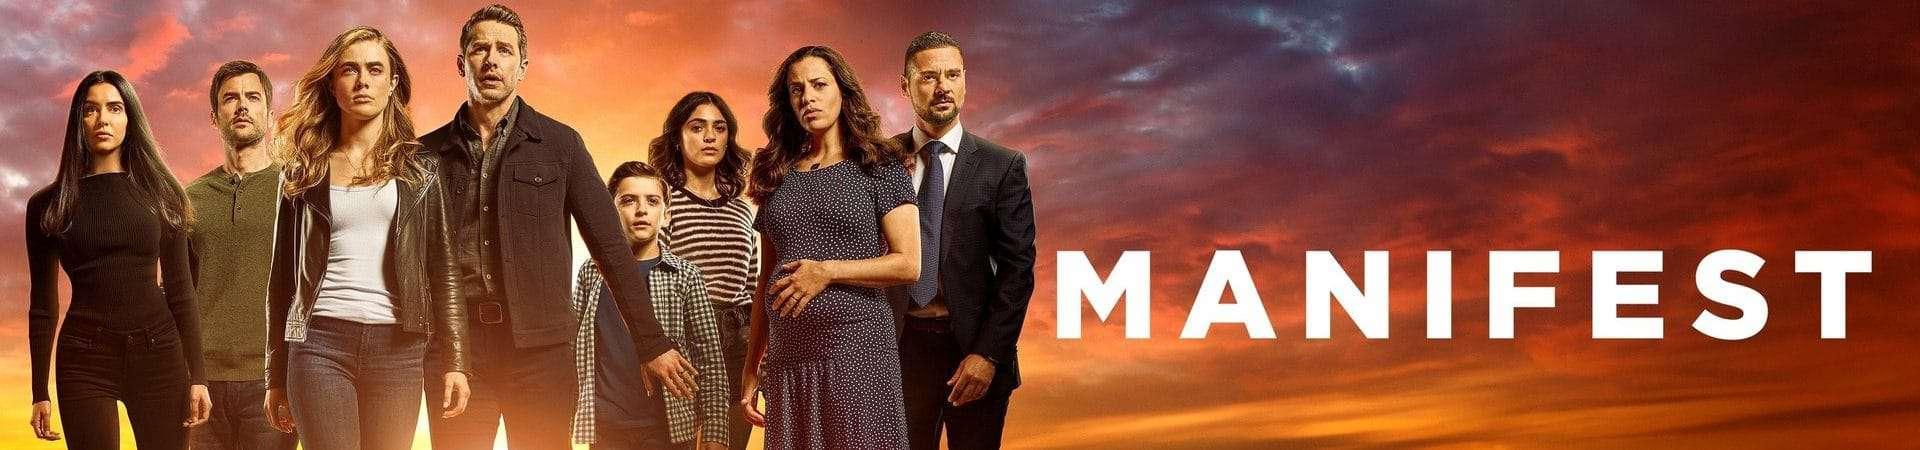 'Manifest': série é cancelada na terceira temporada. Imagem: Warner Bros. Television/Divulgação